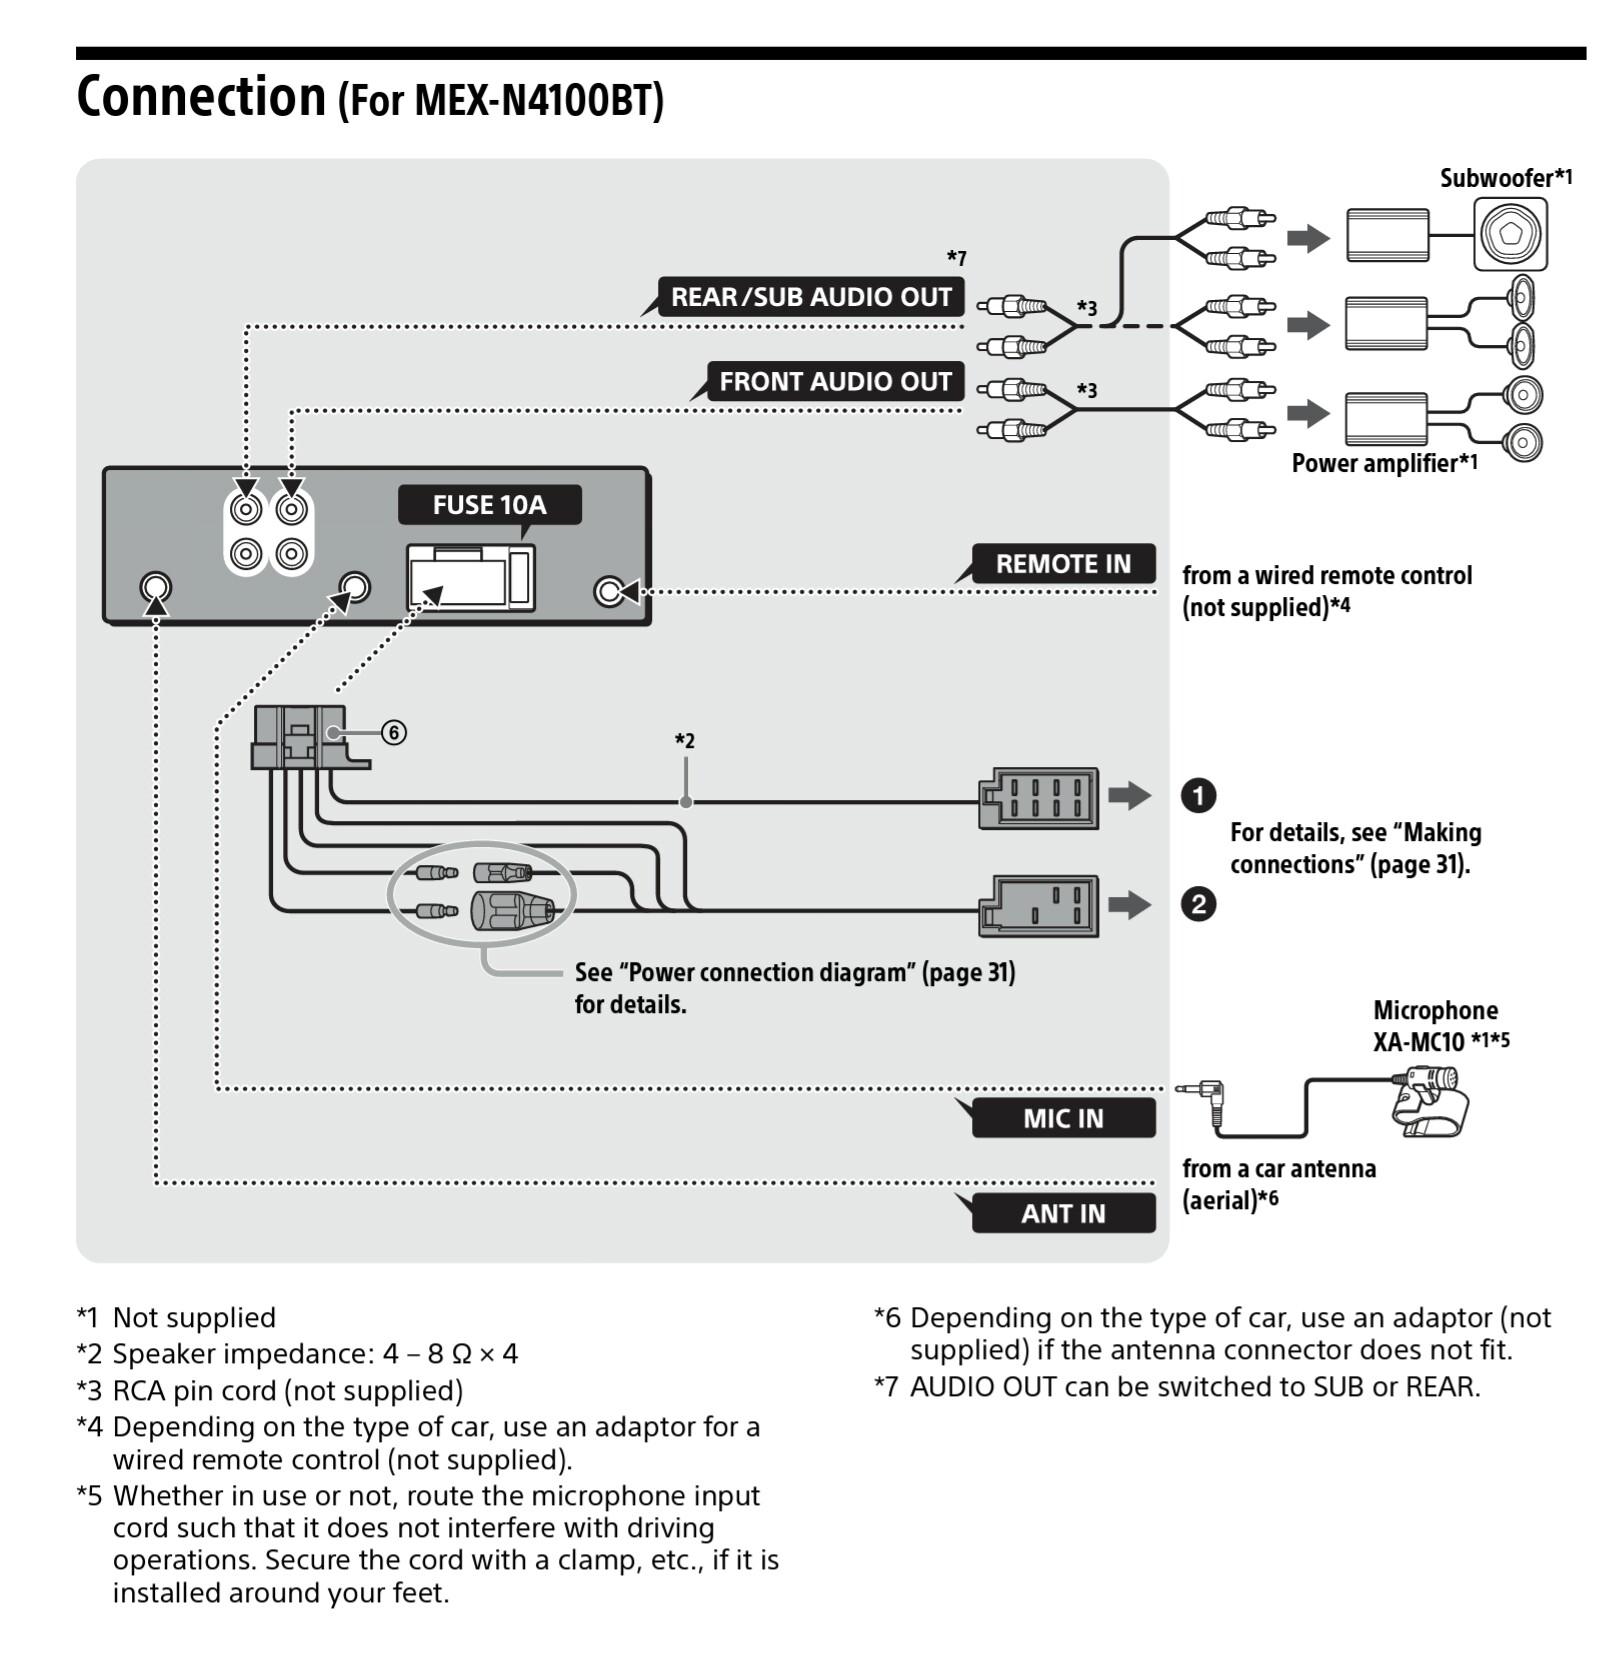 299363iB3119DDF64DB1560?v=1.0 mex n4100bt car radio pre outs switchable query sony sony mex n5100bt wiring diagram at alyssarenee.co